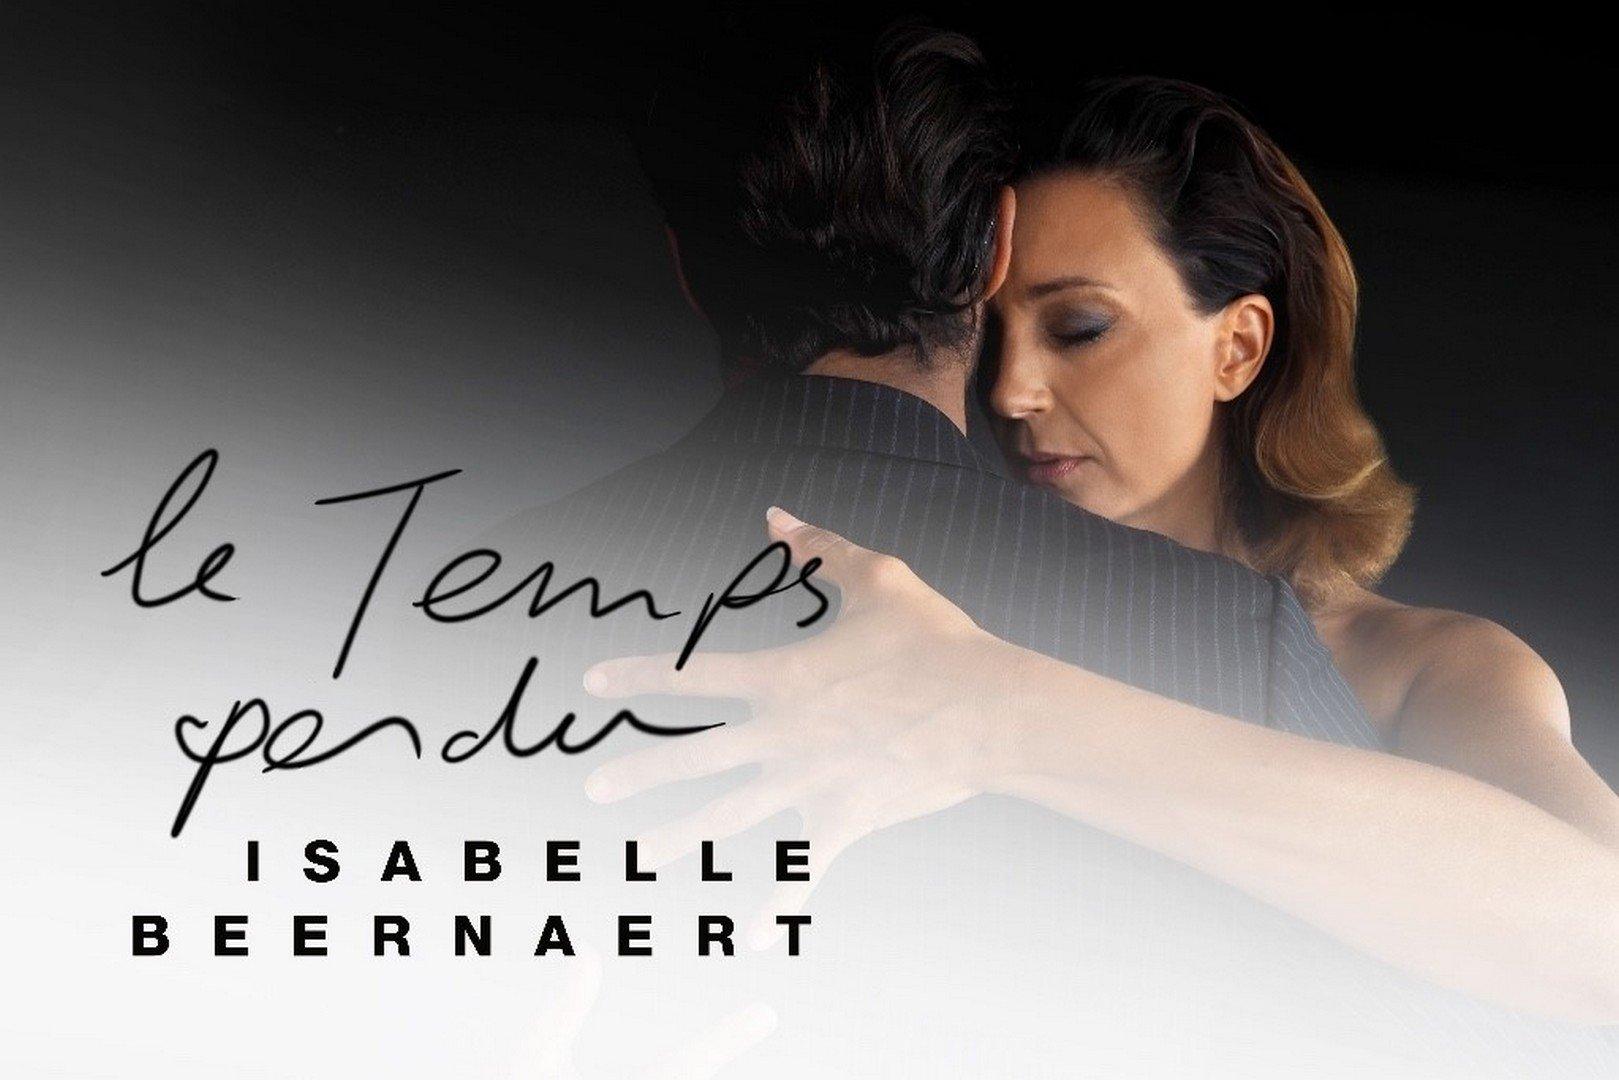 Isabelle Beernaert regisseert dochter - Isabelle Beernaert 1